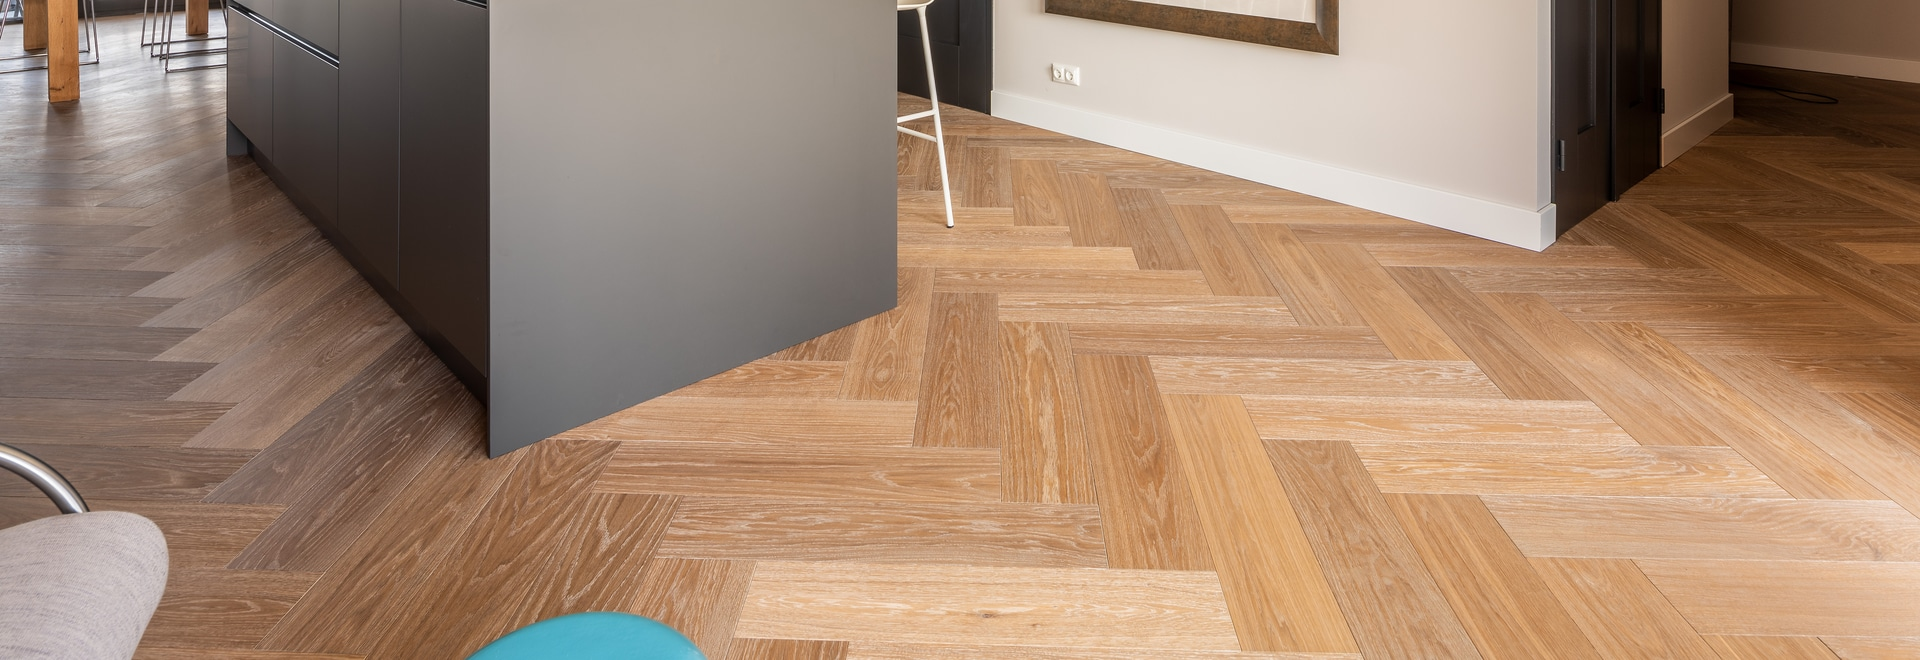 Dennebos Flooring plancher à chevrons en couleur G.08